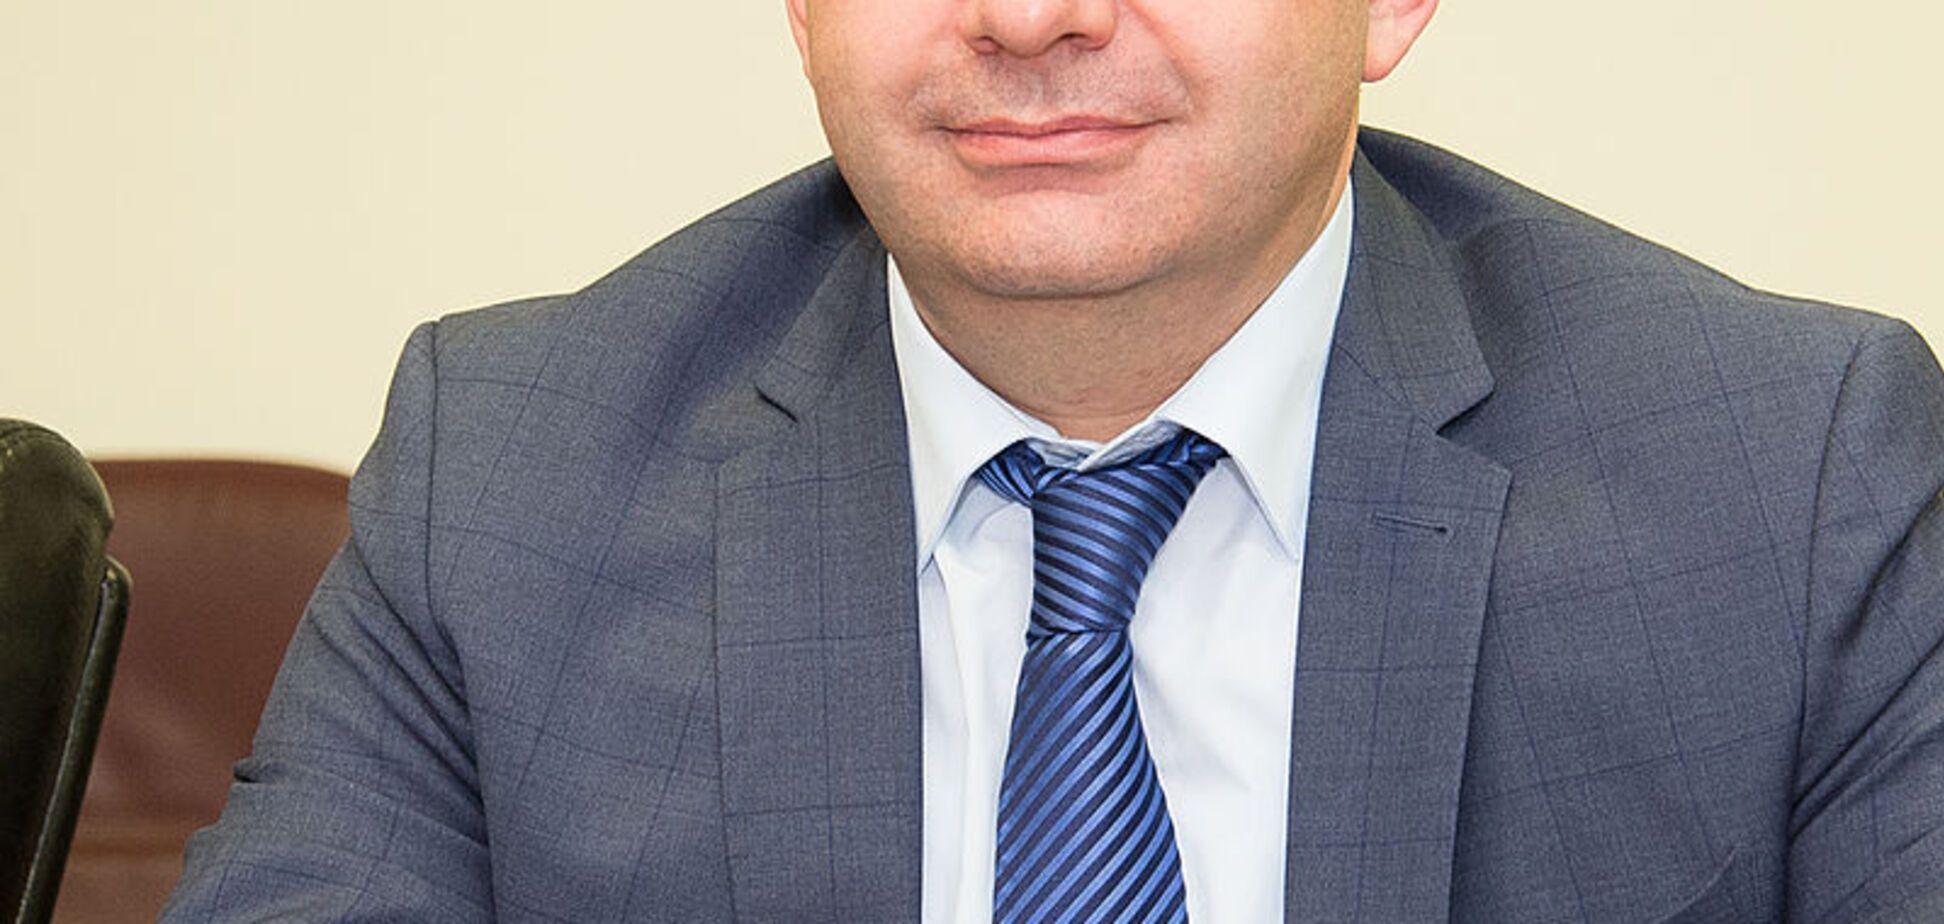 ГМС вынудили рассказать о гражданстве Гизо Углавы - решение суда